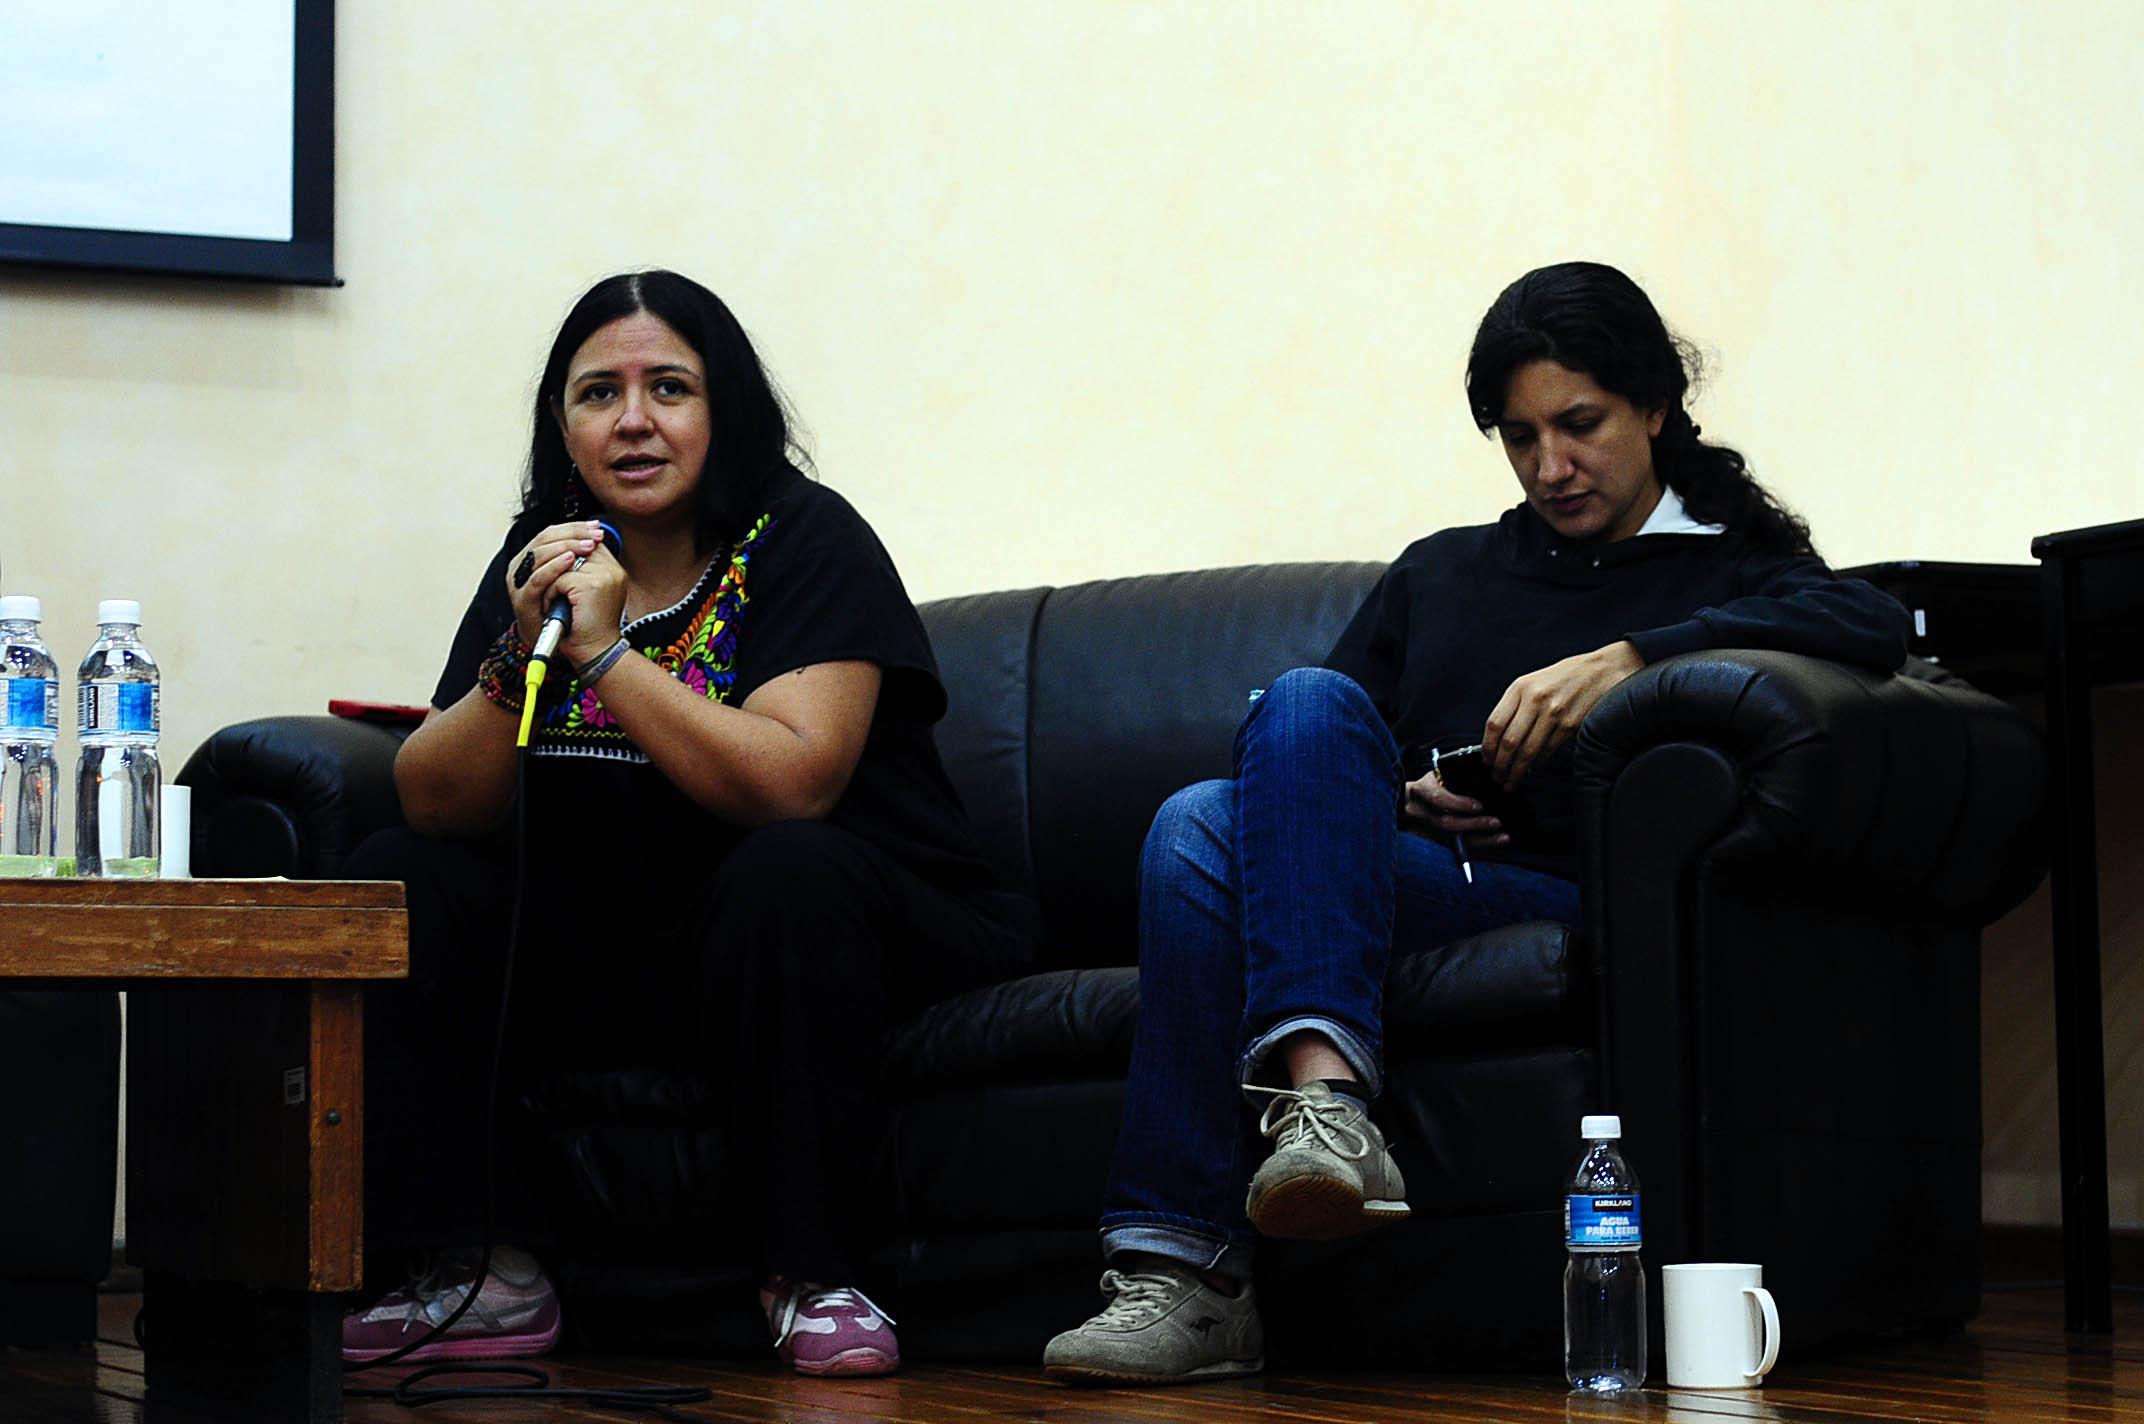 Autoridades sabían de la inseguridad y no protegieron a periodistas: Pastrana